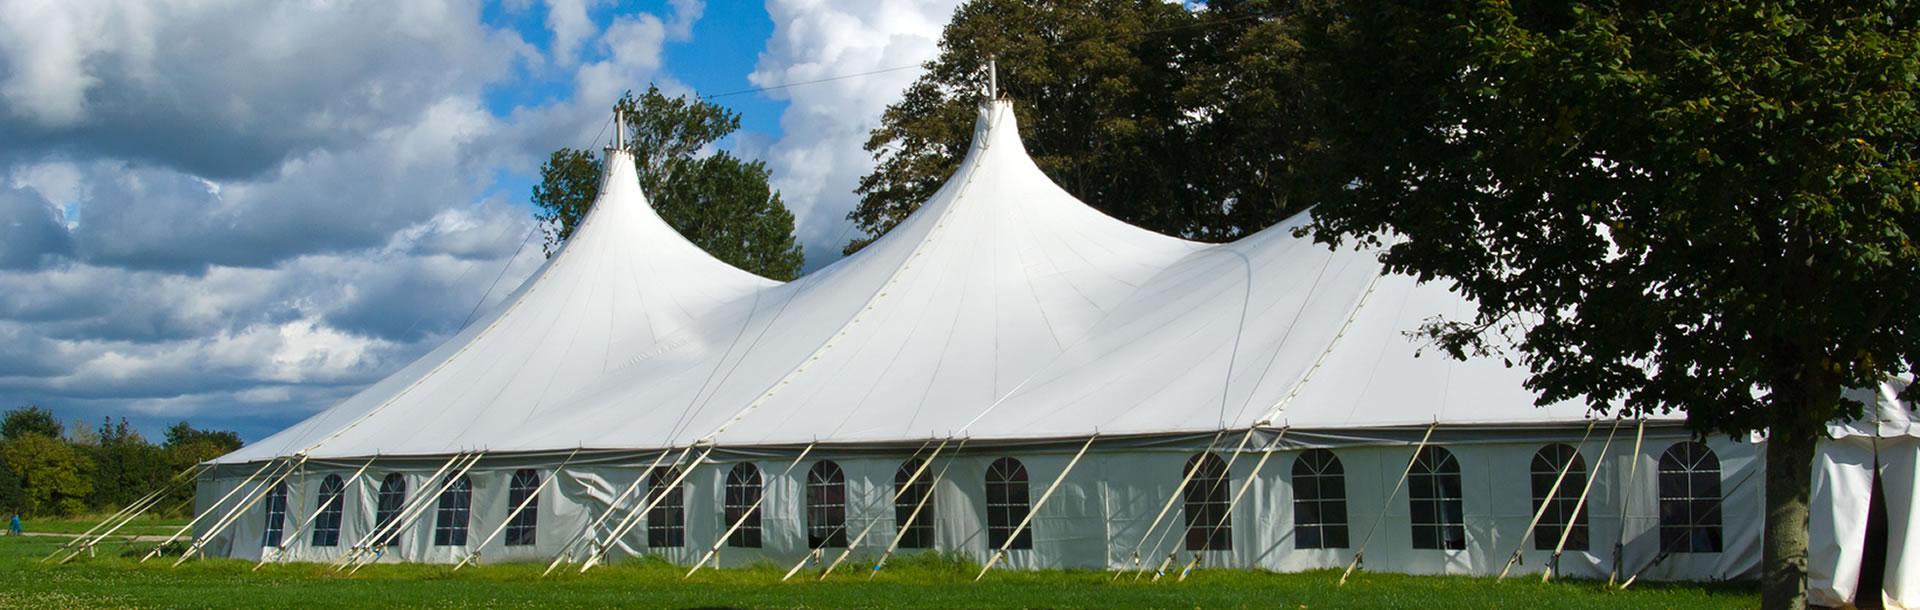 Festzelt – Eventlocation für Hochzeiten und Firmenevents ...